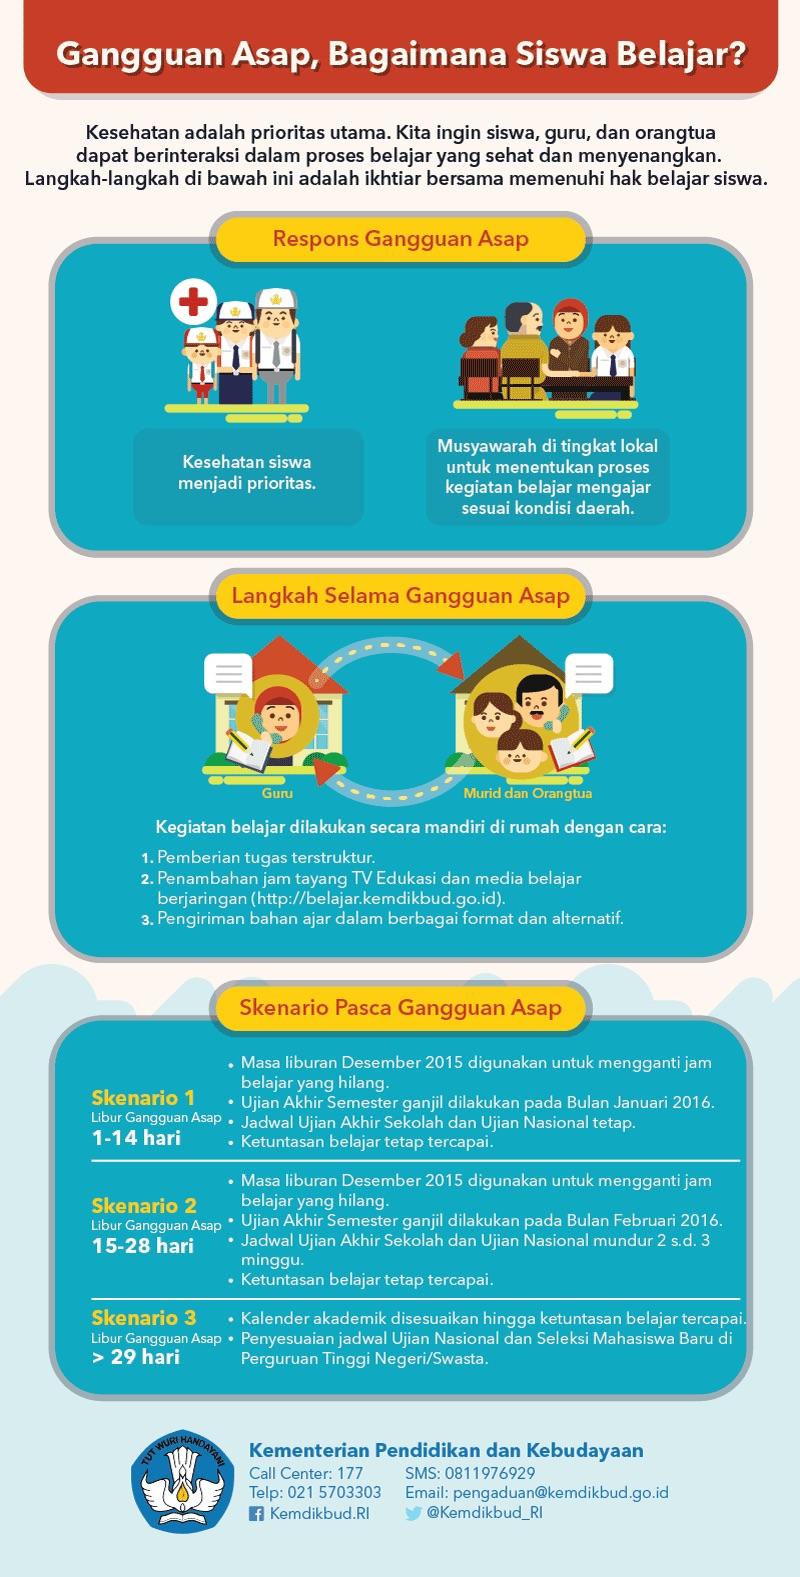 infografis darurat asap